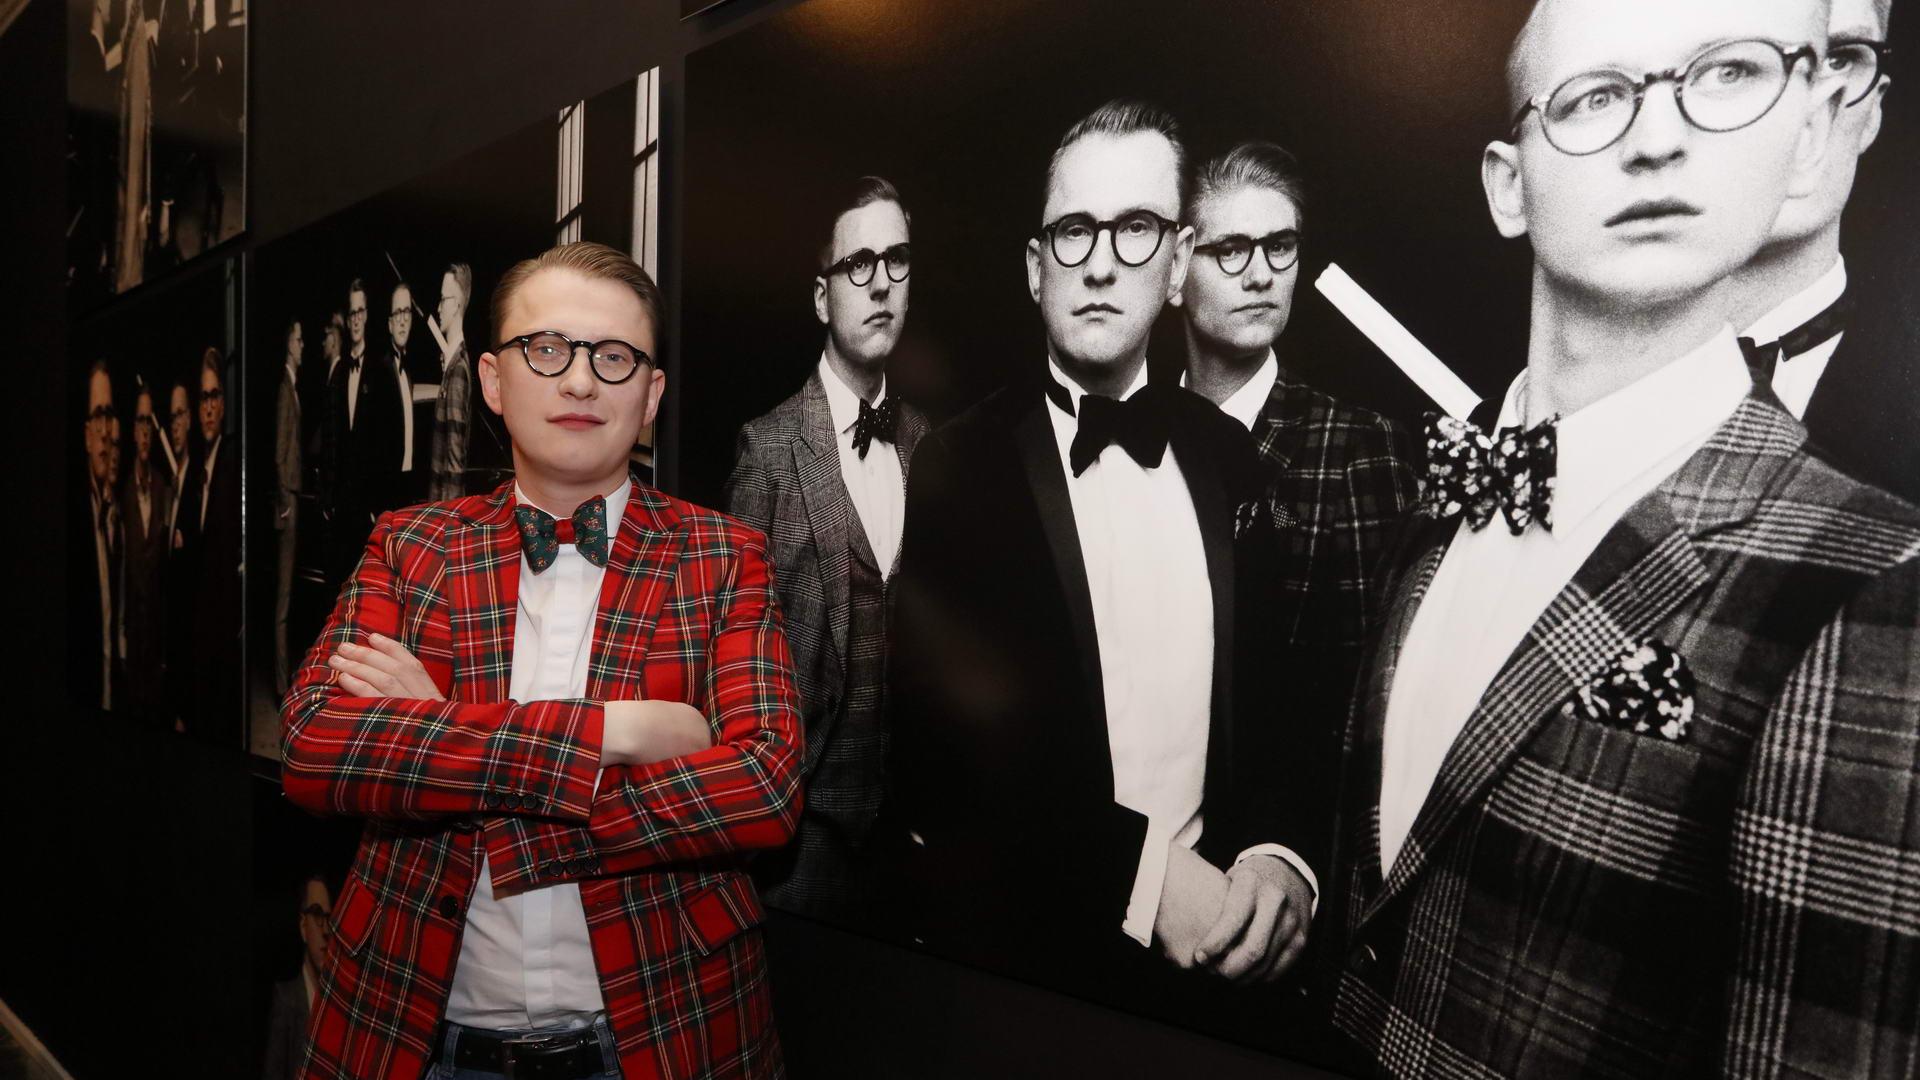 Jan Henrik Scheper Stuke Vernissage des diesjährigen Auerbach Kunstprojekts von Sven Marquardt in der POP-UP GALLERY in den Hackeschen Höfen, Hof 1 unter Anwesenheit des Künstlers.